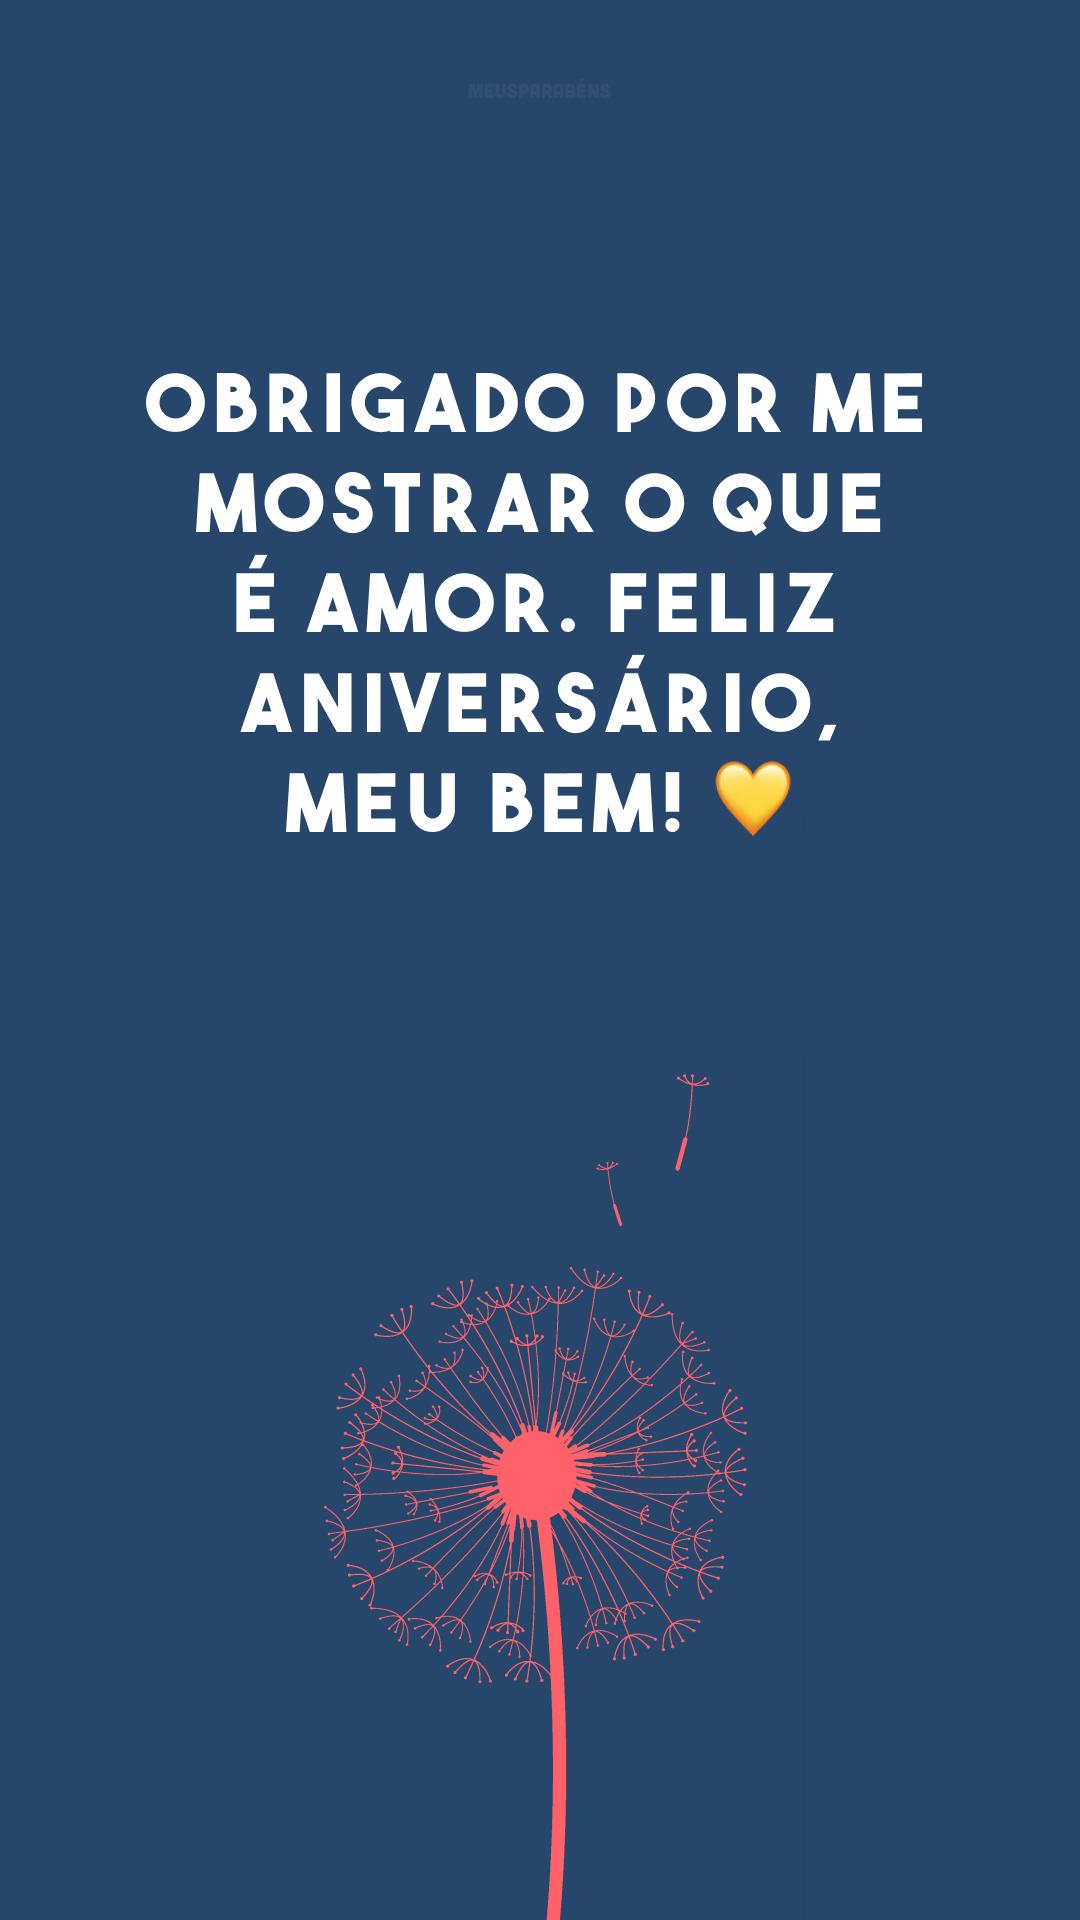 Obrigado por me mostrar o que é amor. Feliz aniversário, meu bem! 💛